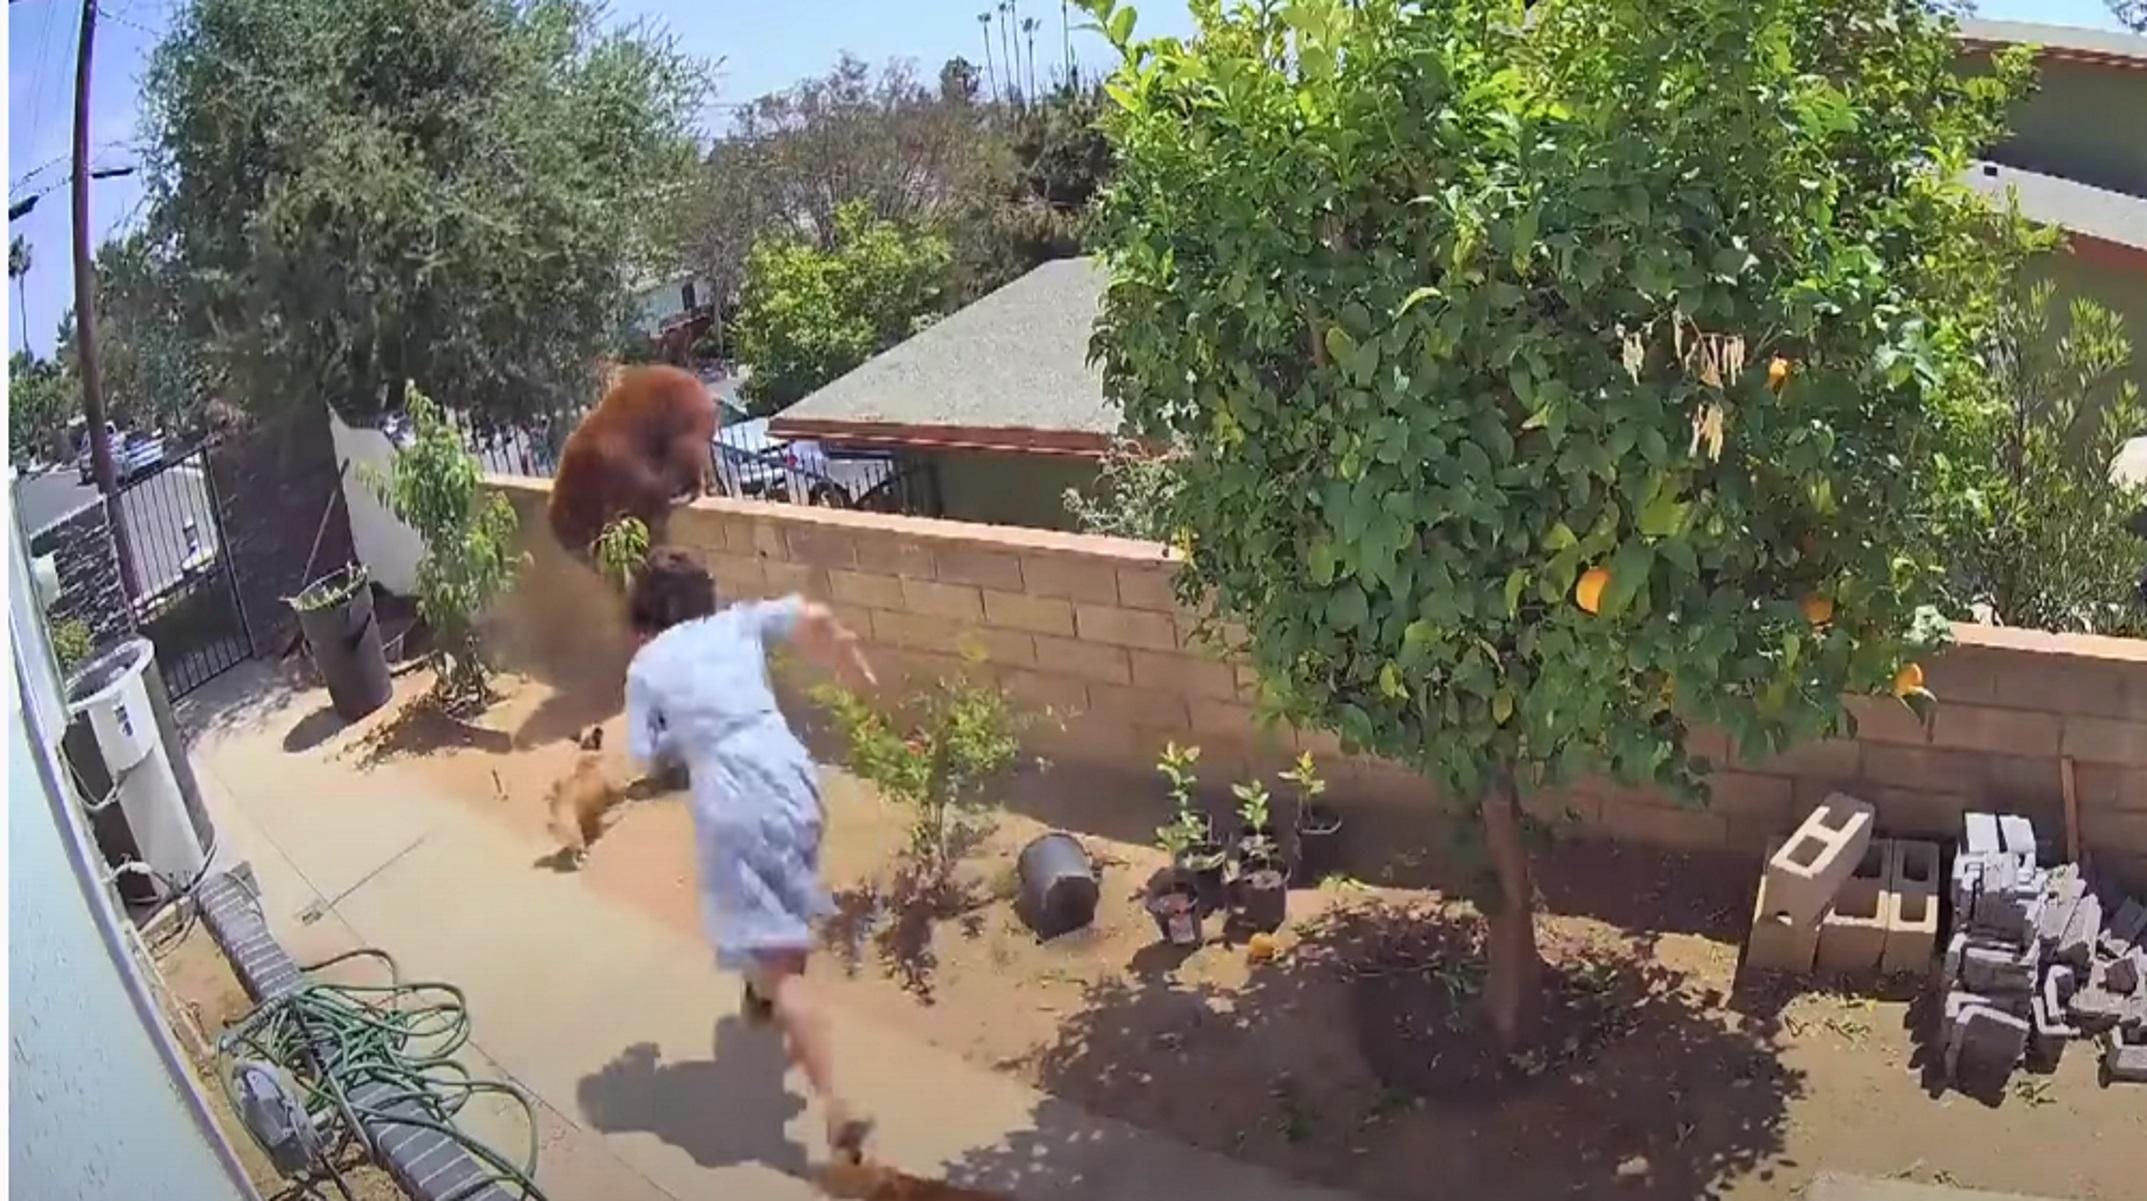 Καλιφόρνια: Πάλεψε με τεράστια αρκούδα για να σώσει τα σκυλιά της – Βίντεο που σοκάρει